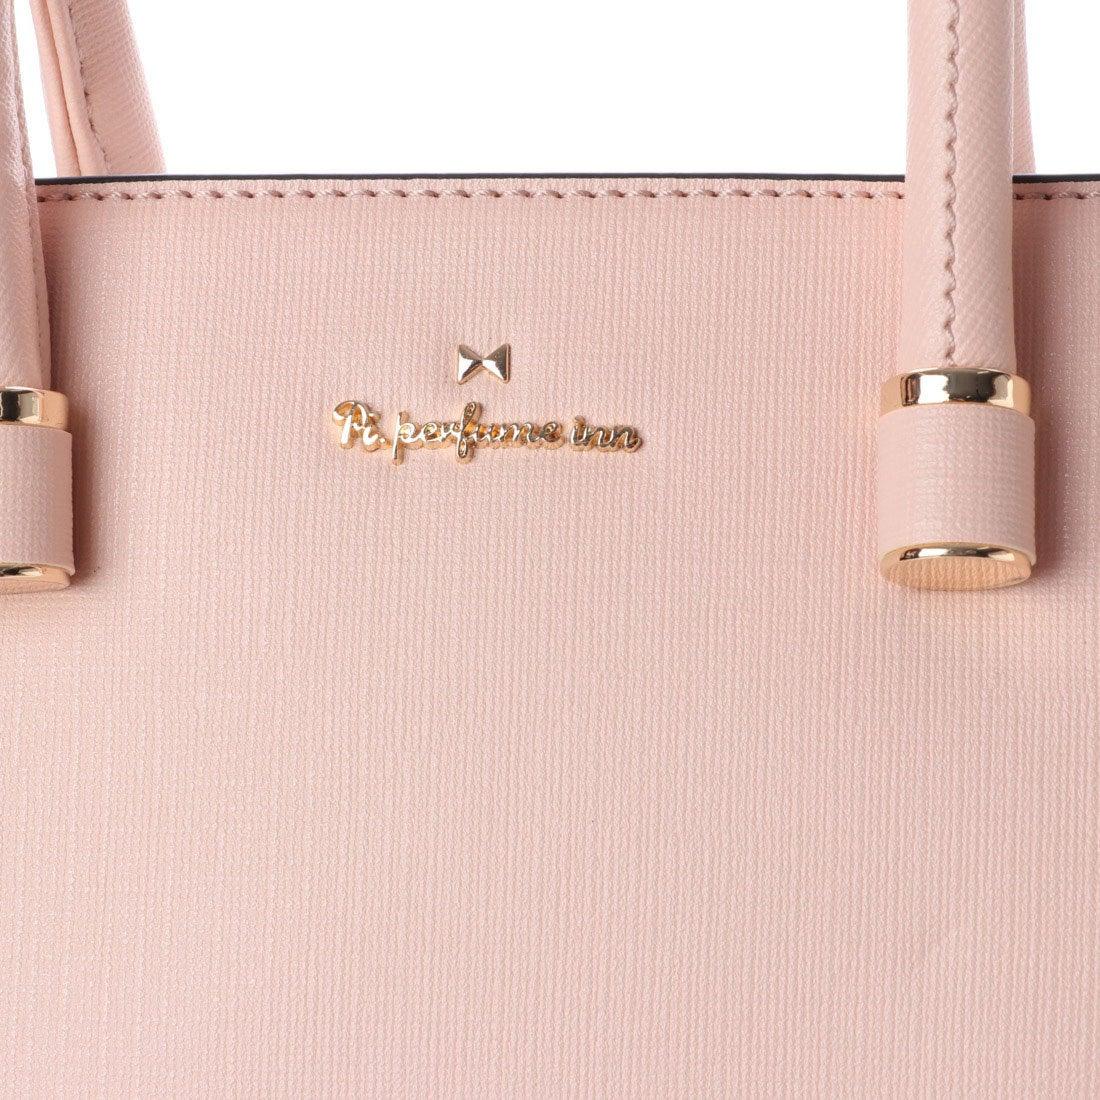 95f2704d5202 ピーアイ Pi. スクエアライン2wayミニトート (ピンク) -靴 ...